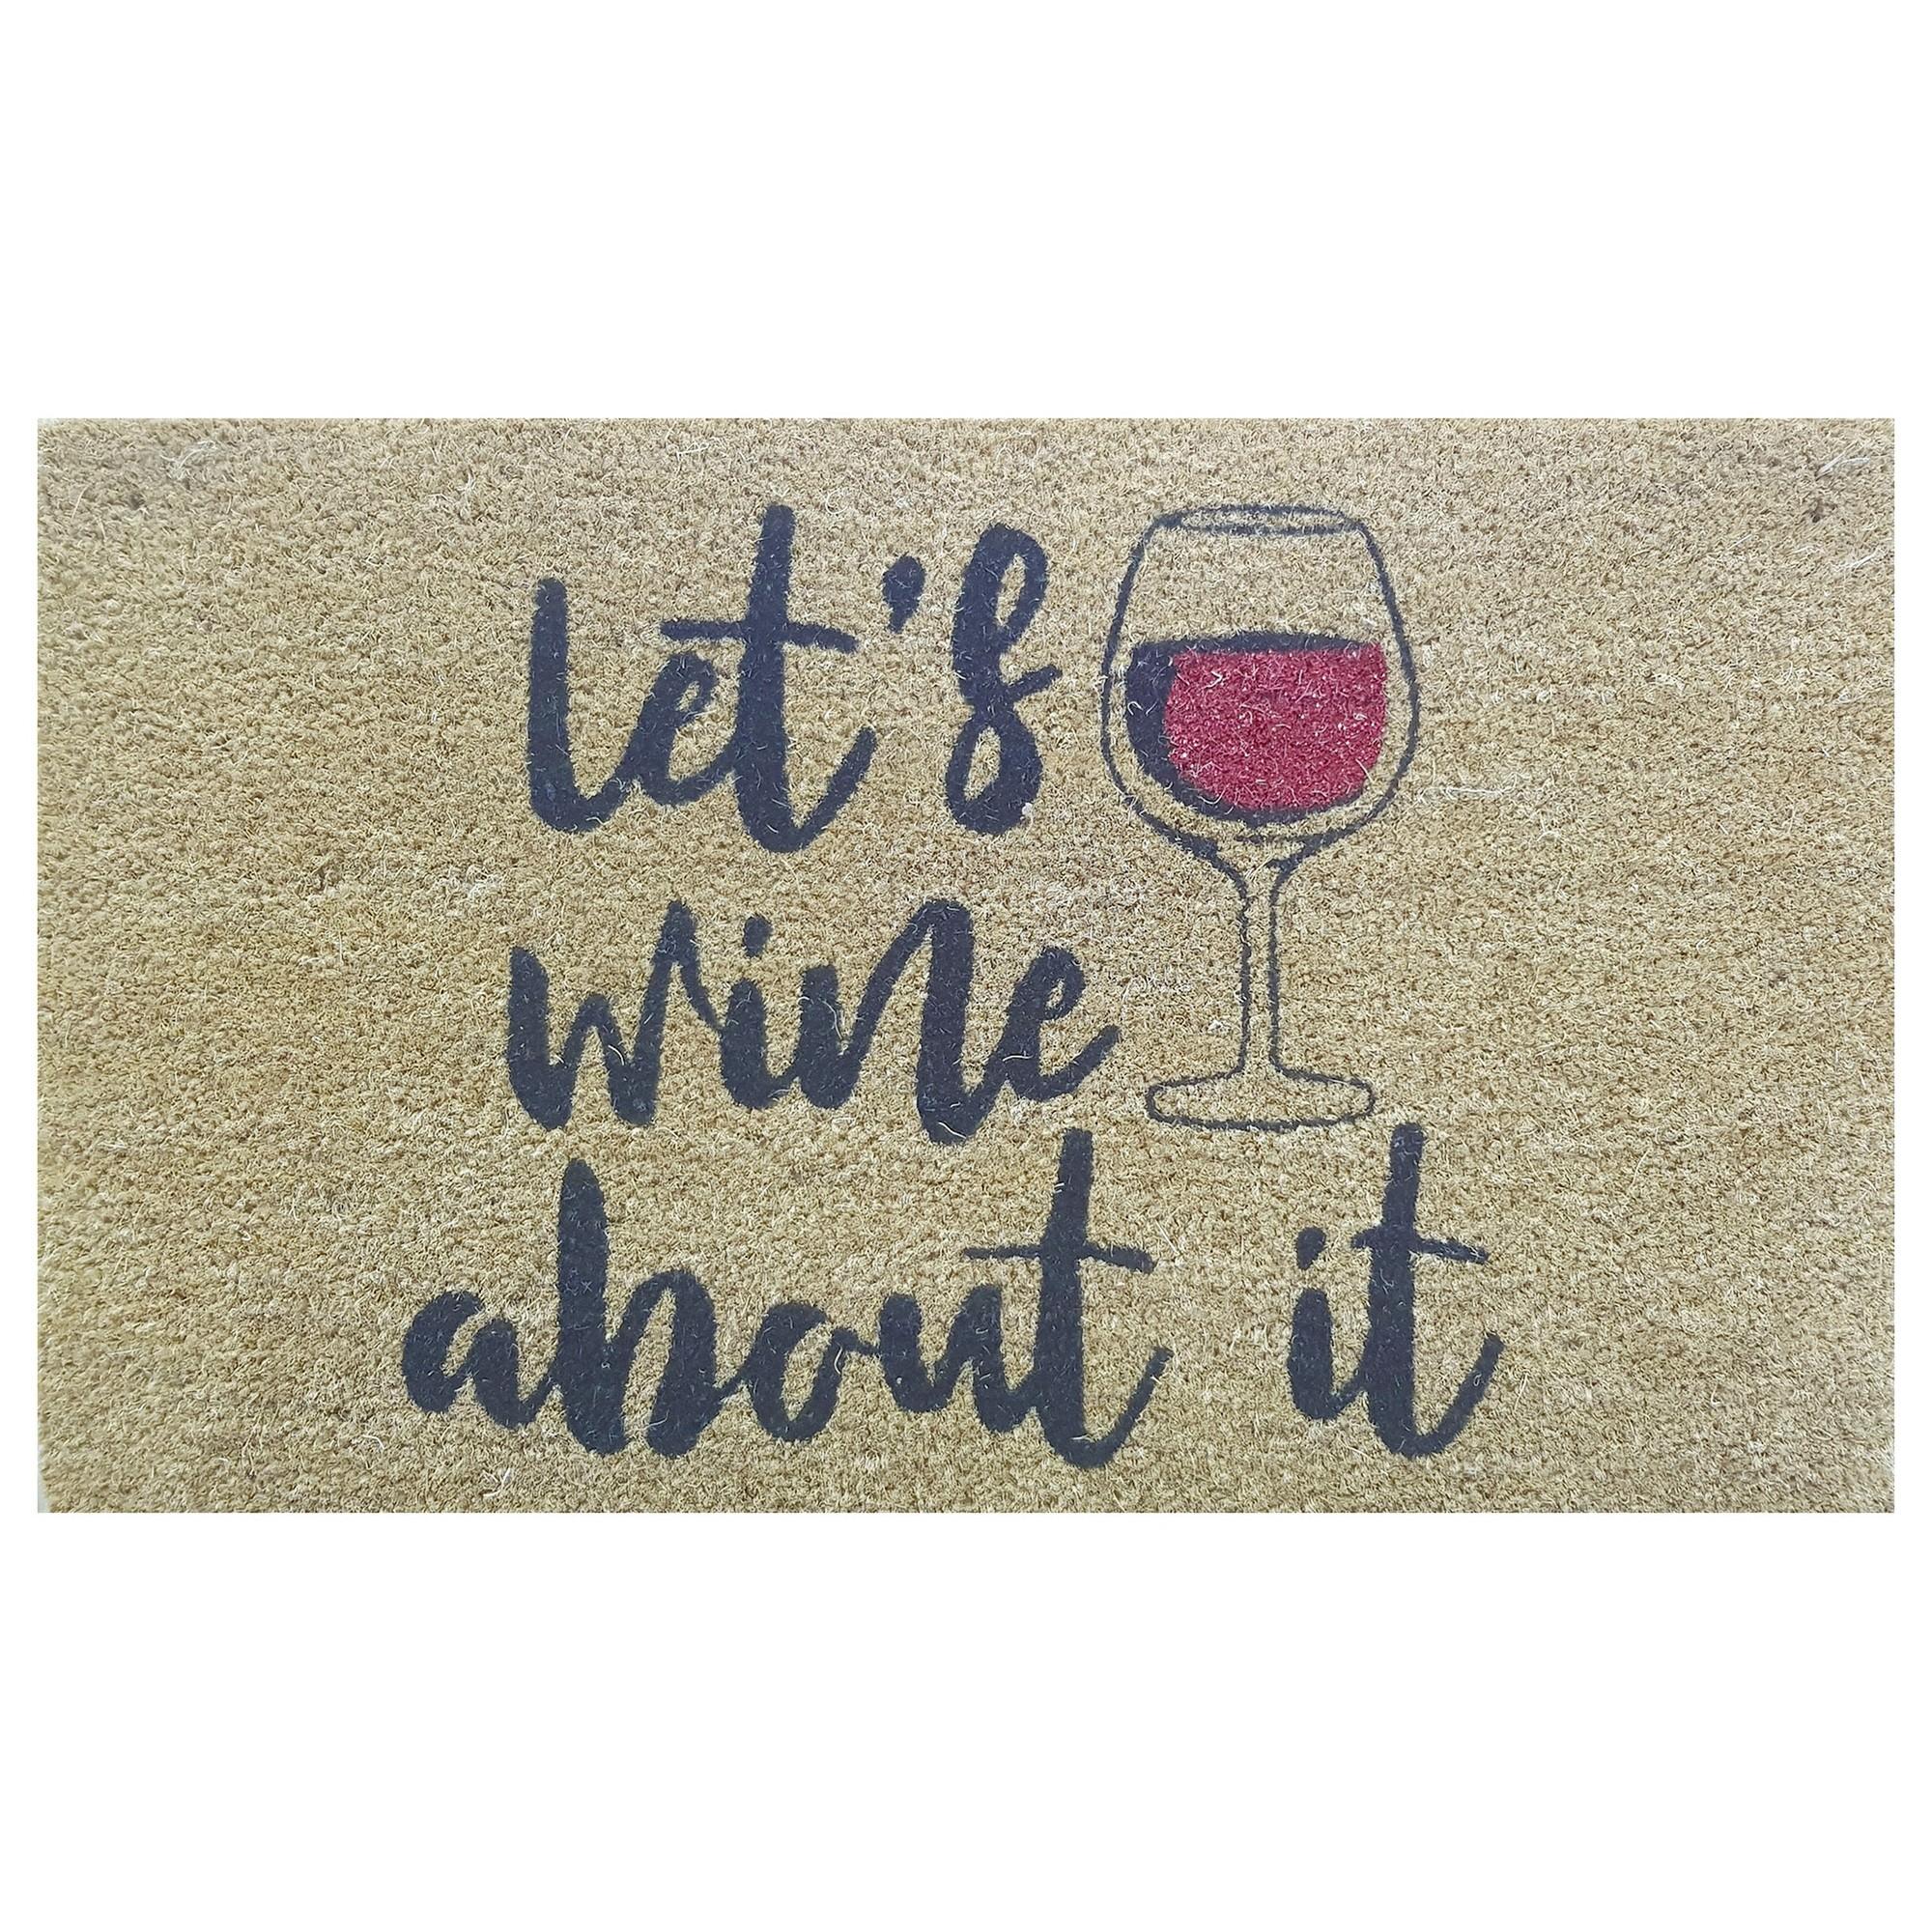 Let's Wine About It Coir Doormat, 75x45cm